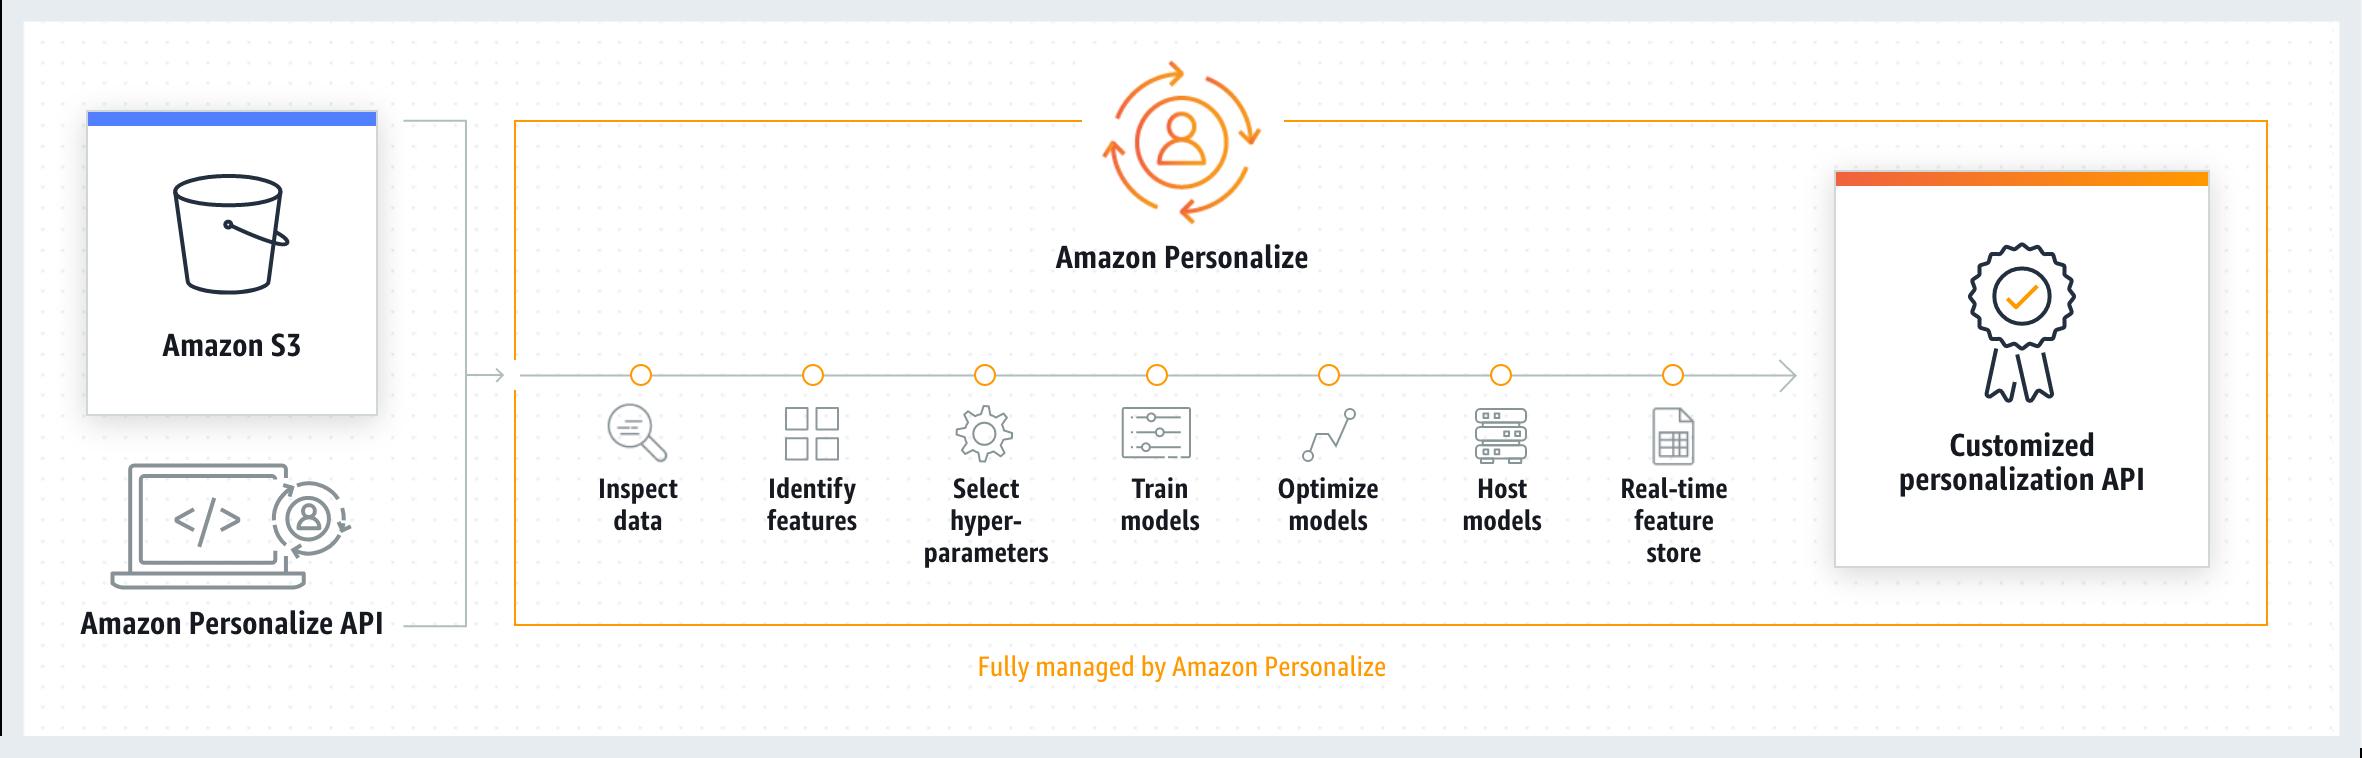 Amazon Personalize 的工作原理